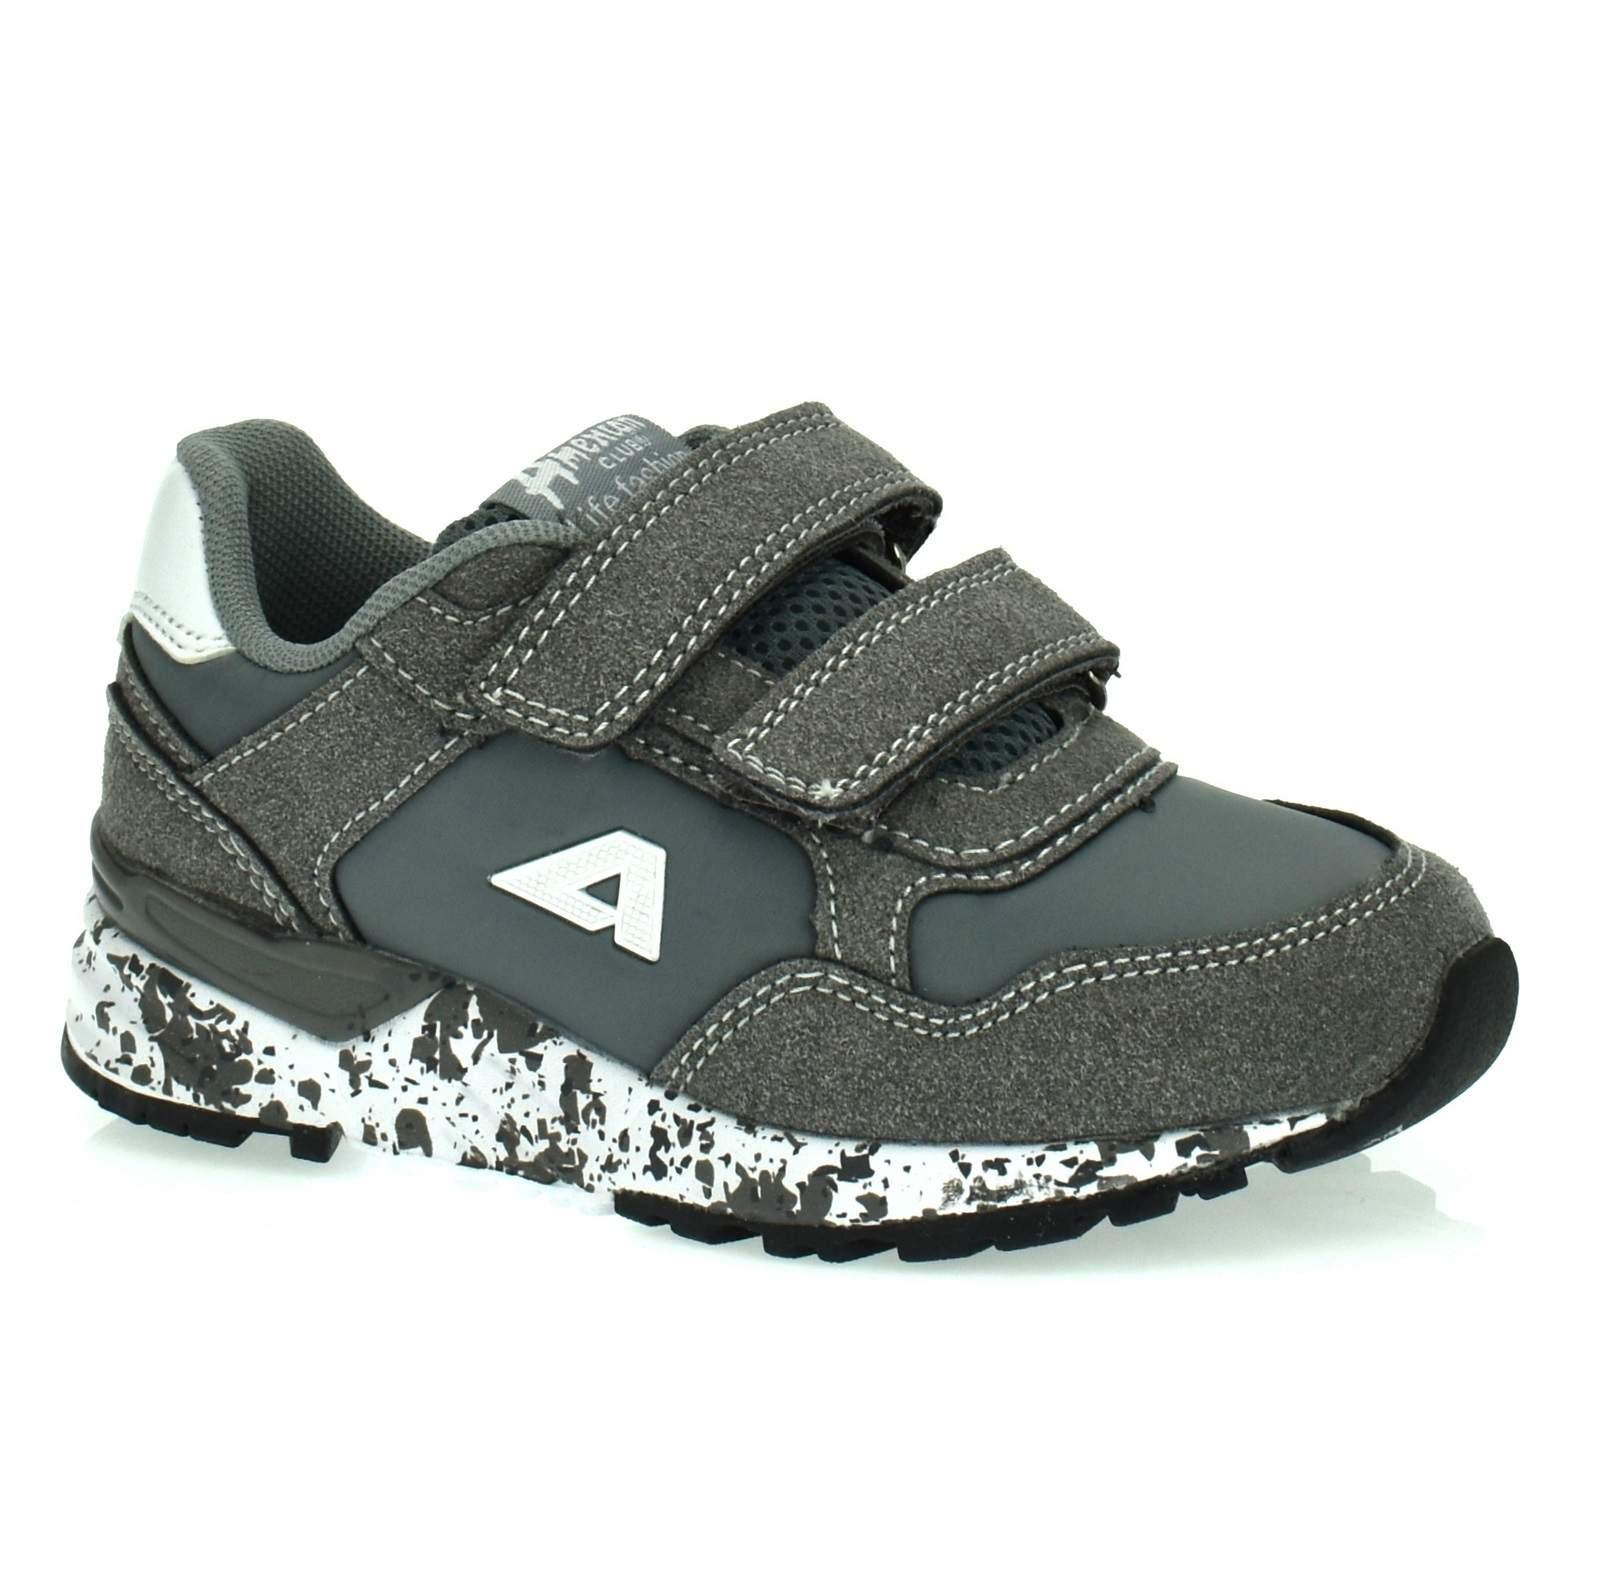 ab52be11287d43 Sportowe buty dla dzieci American Club BS 12/19 Szary Kliknij, aby  powiększyć ...